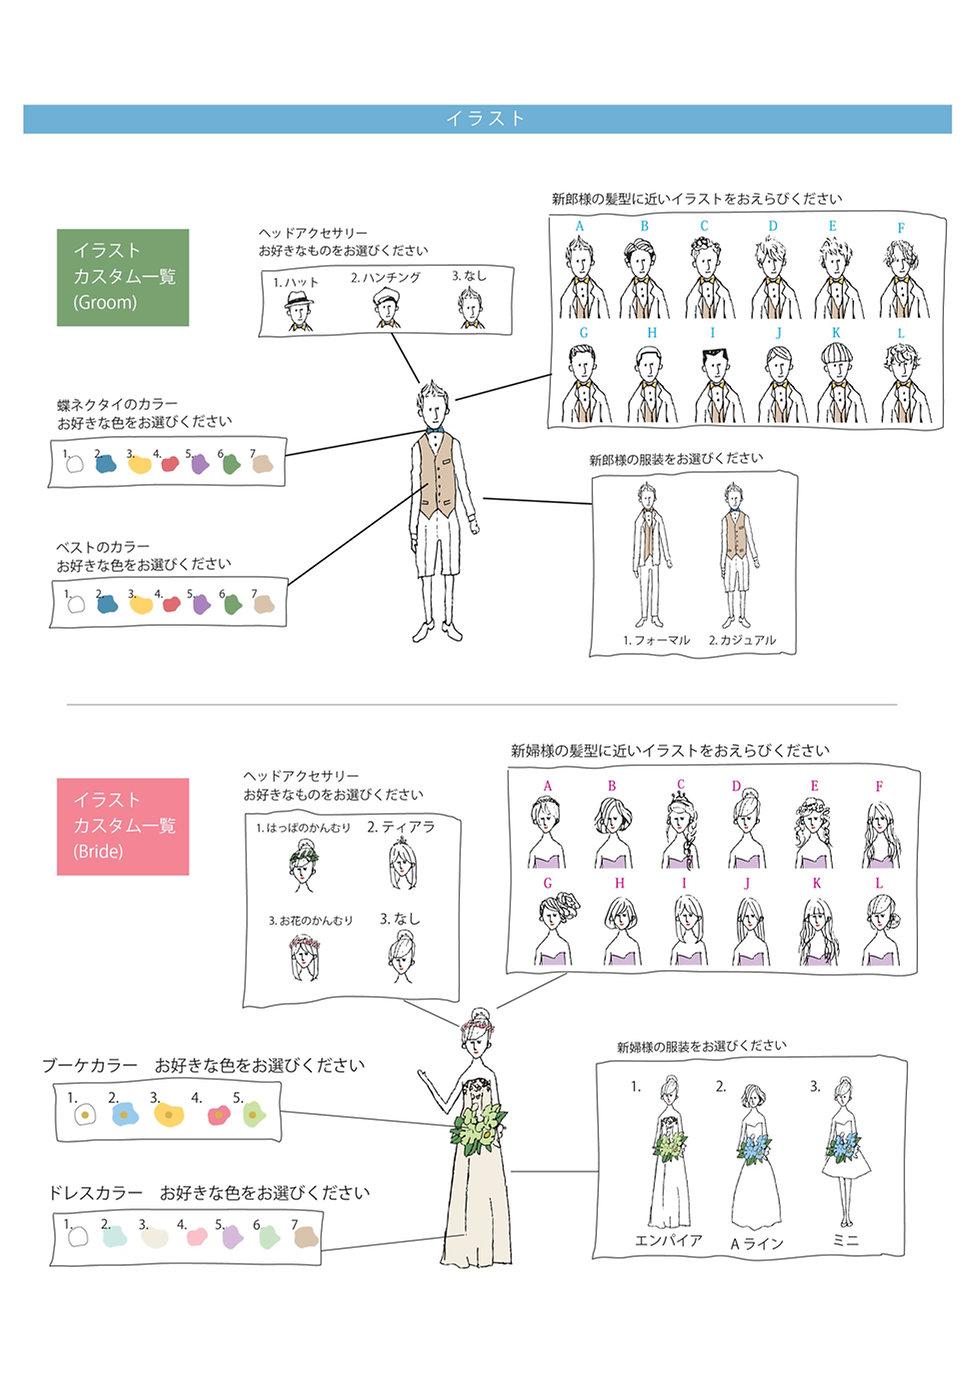 イラストカスタム内容【Please choose!】.jpg